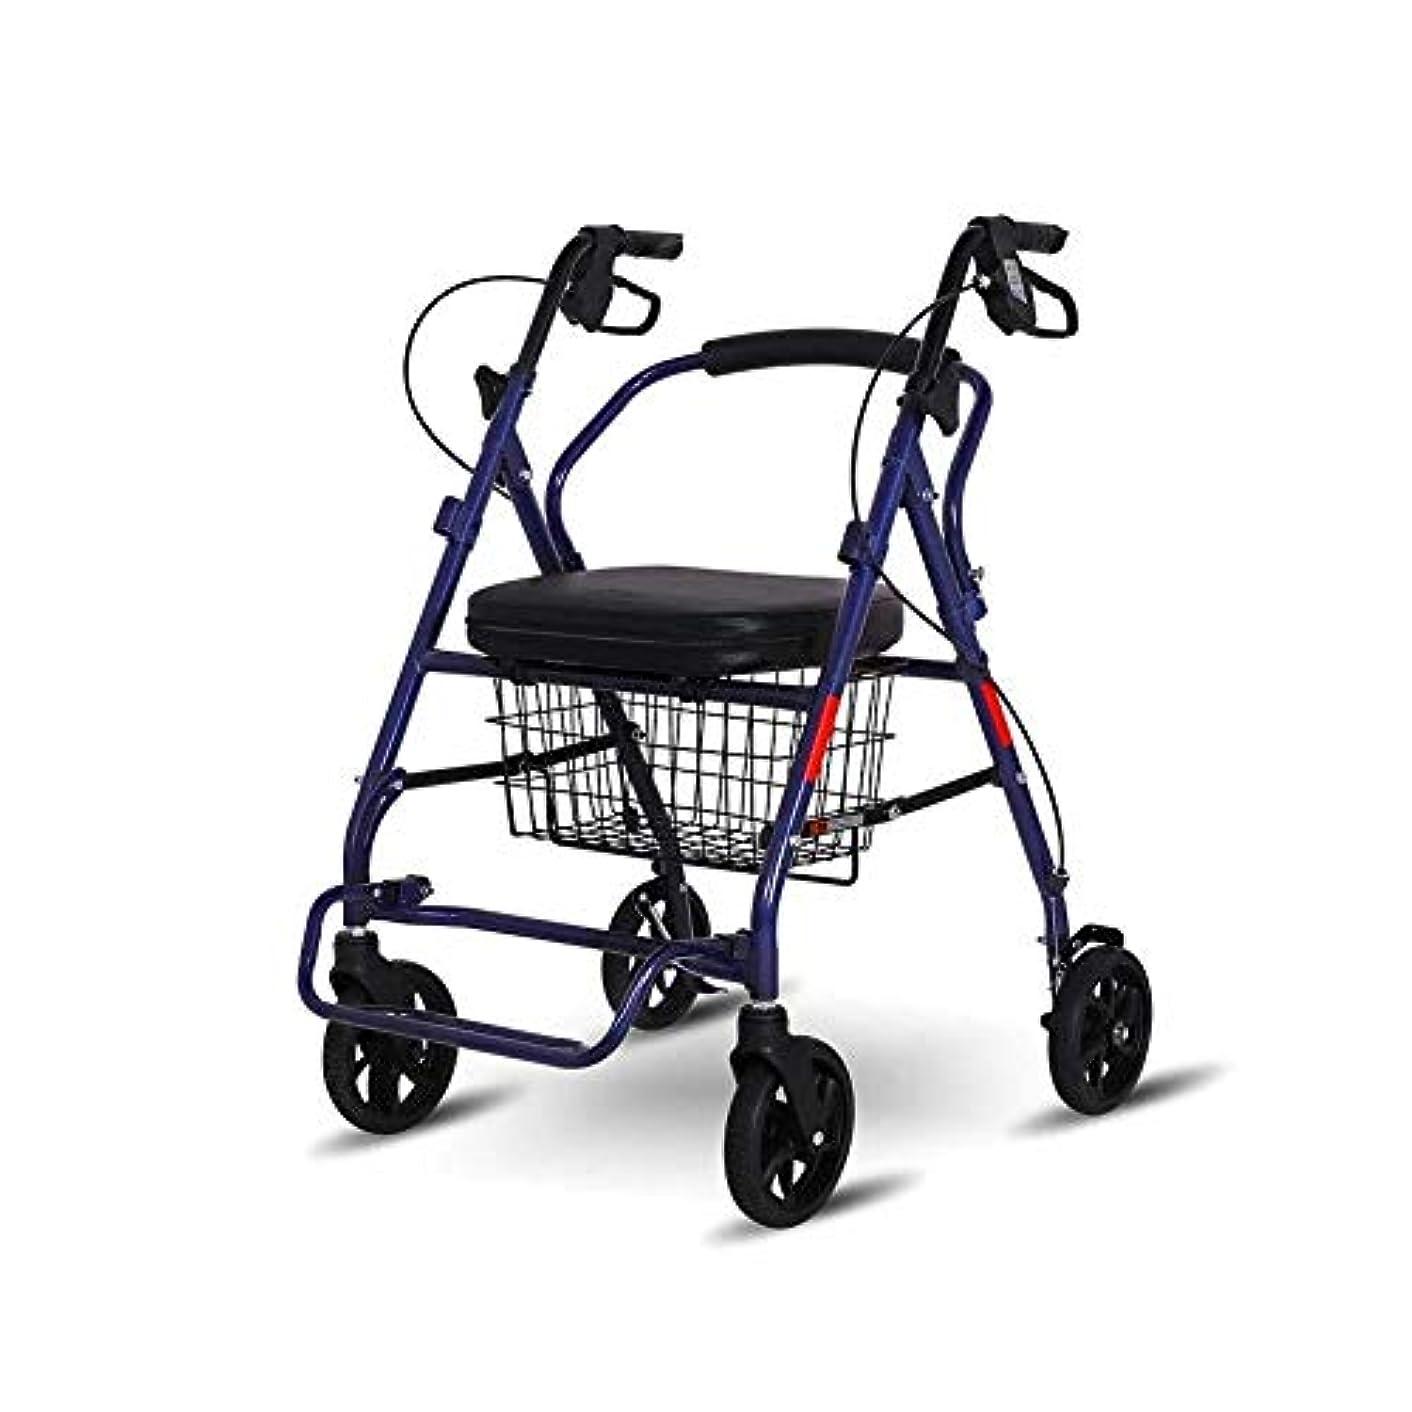 足首二週間レッドデート折りたたみ式歩行歩行器、パッド入りシート&背もたれ、ロック可能なブレーキ、フットレスト、歩行補助